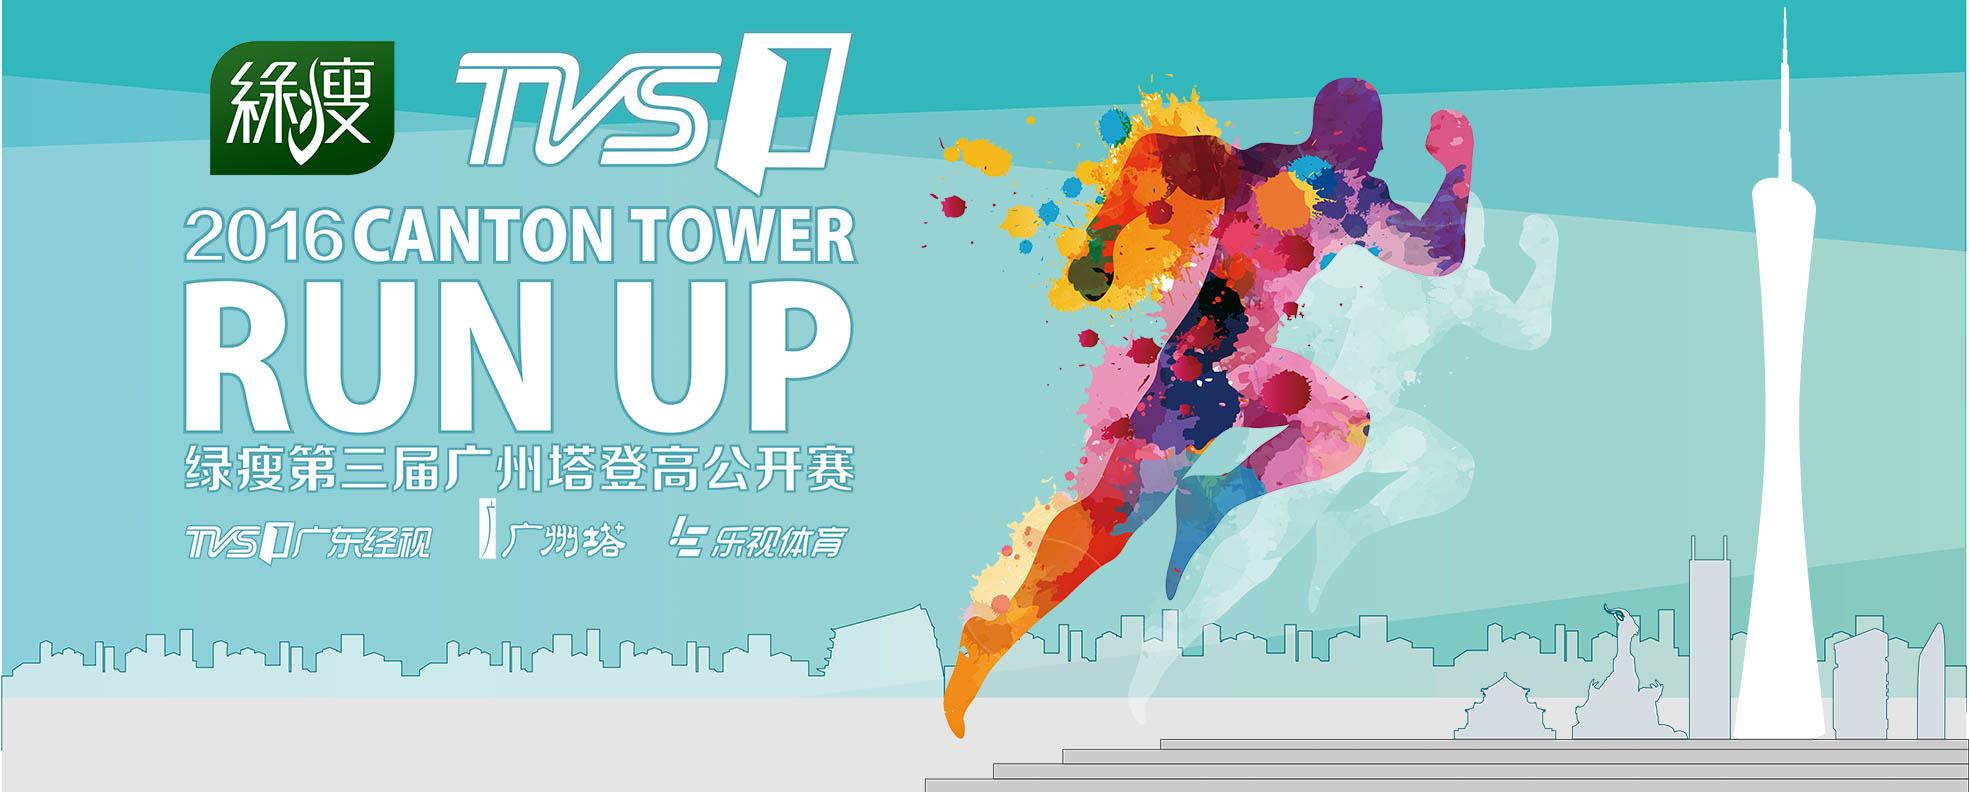 2016TVS-1广州塔登高公开赛 等你来挑战